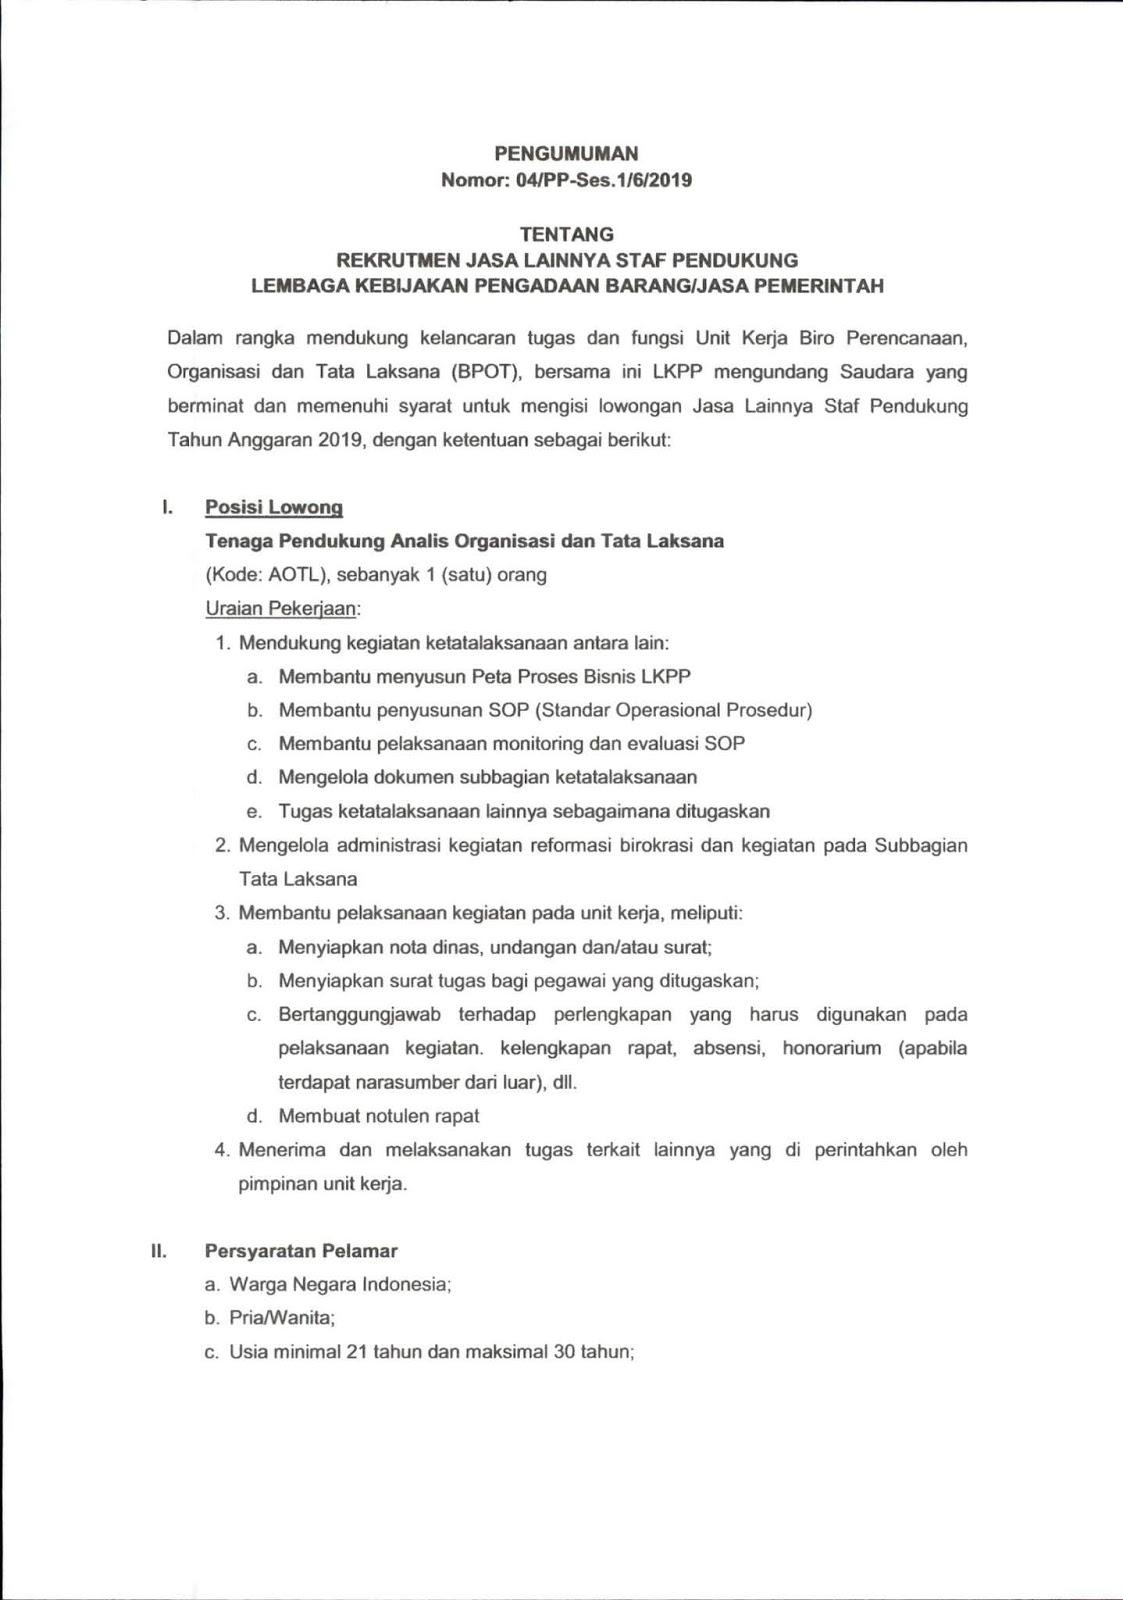 Penerimaan Pegawai Non PNS Staf Pendukung LKPP Hingga 19